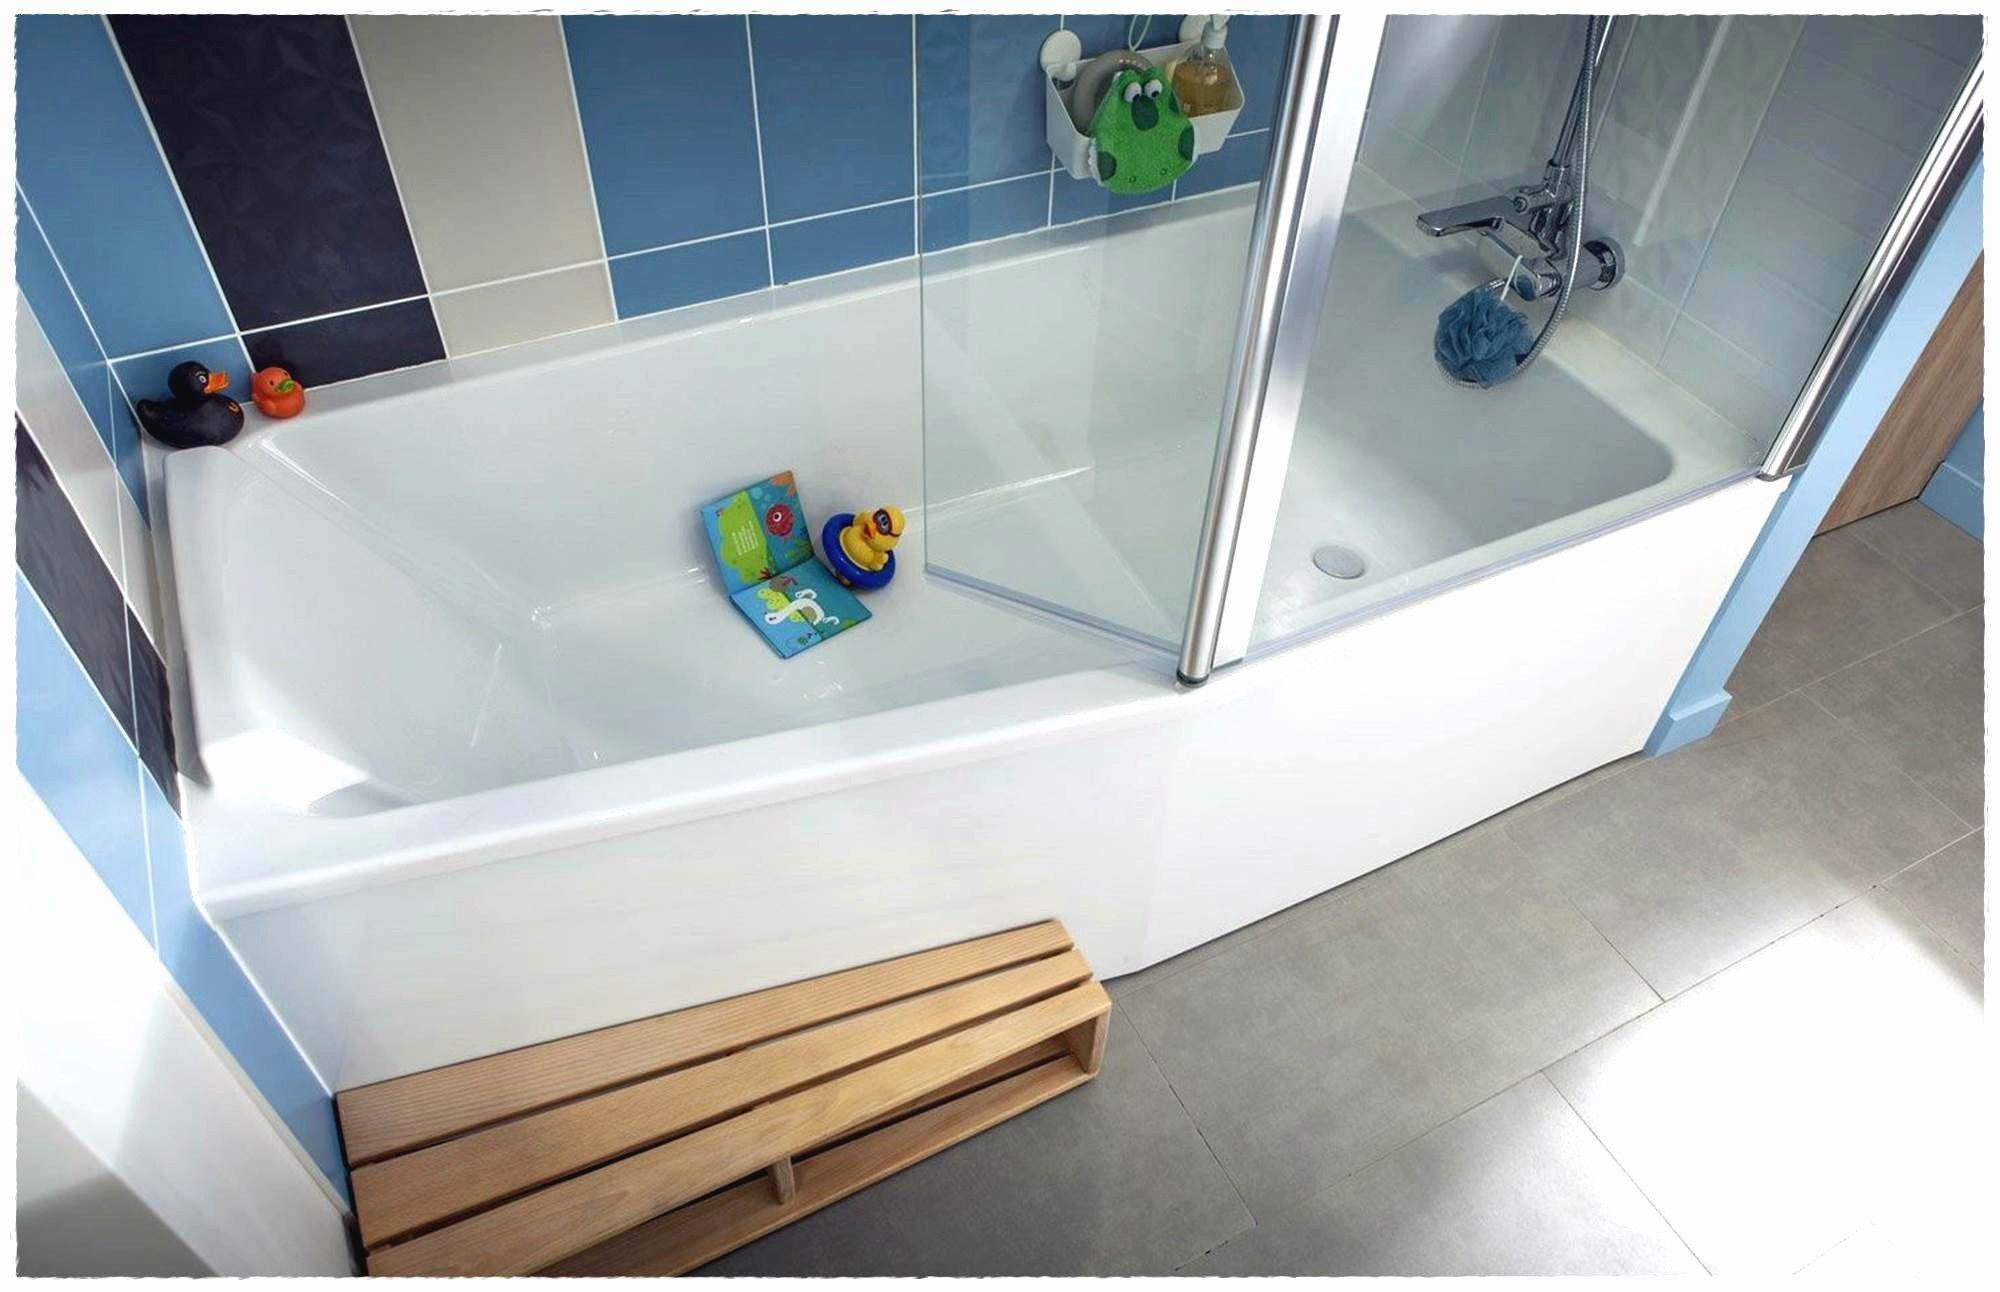 Trappe De Visite Baignoire Brico Depot Vous Pouvez Faire Dans Un Week End Creative Bathroom Design Bathroom Design Layout Bathtub